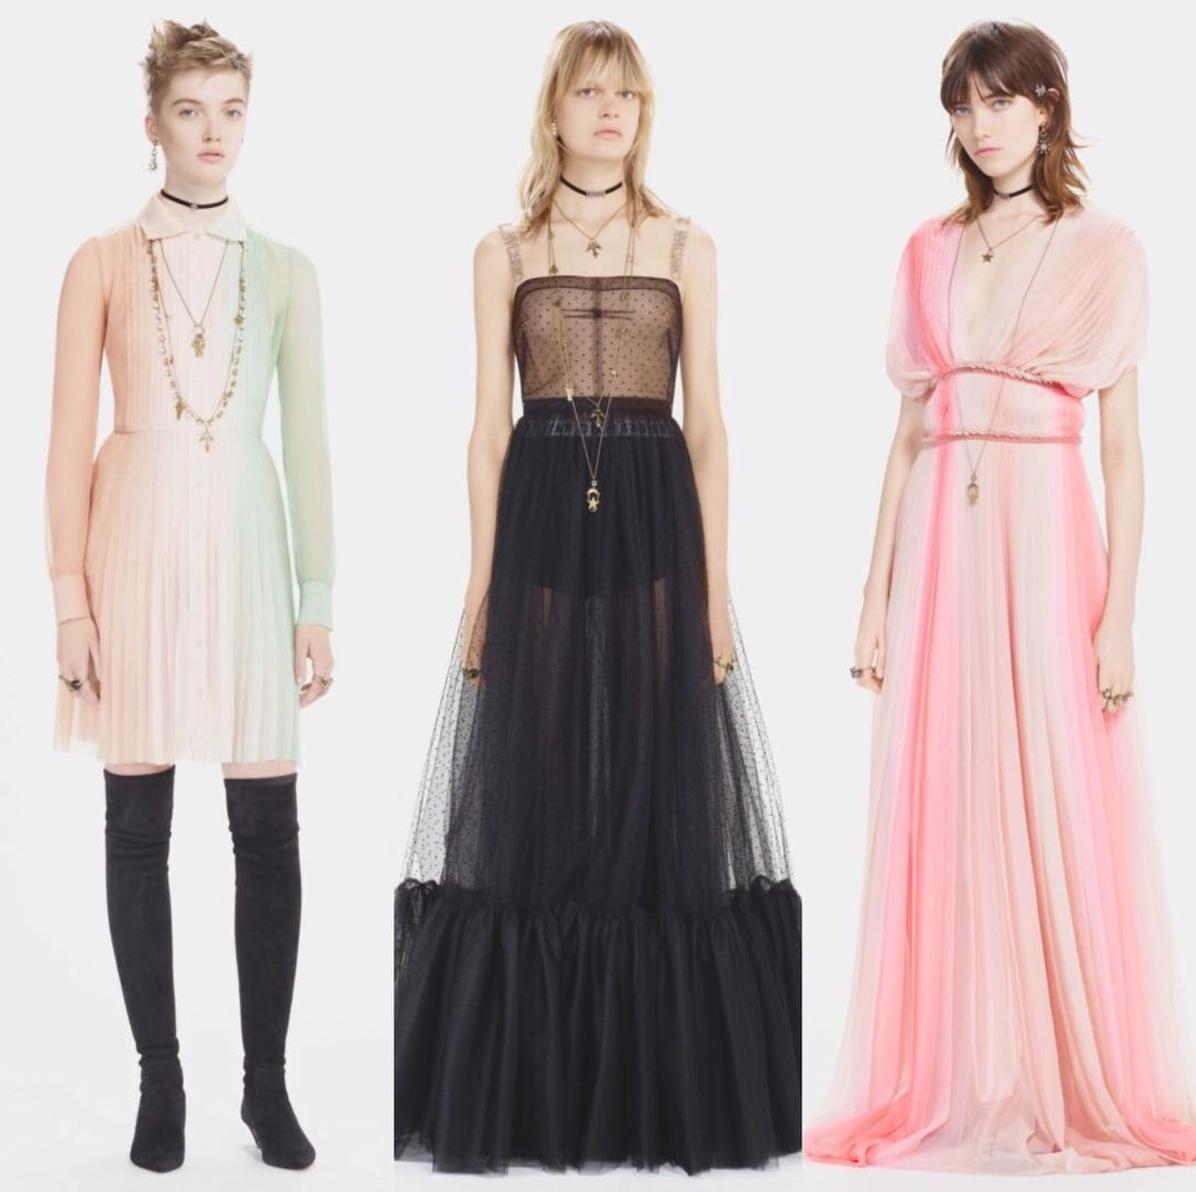 波希米亞風再度歸來?時尚部落客Chiara Ferragni化身民族風Lady Dior稱霸封面